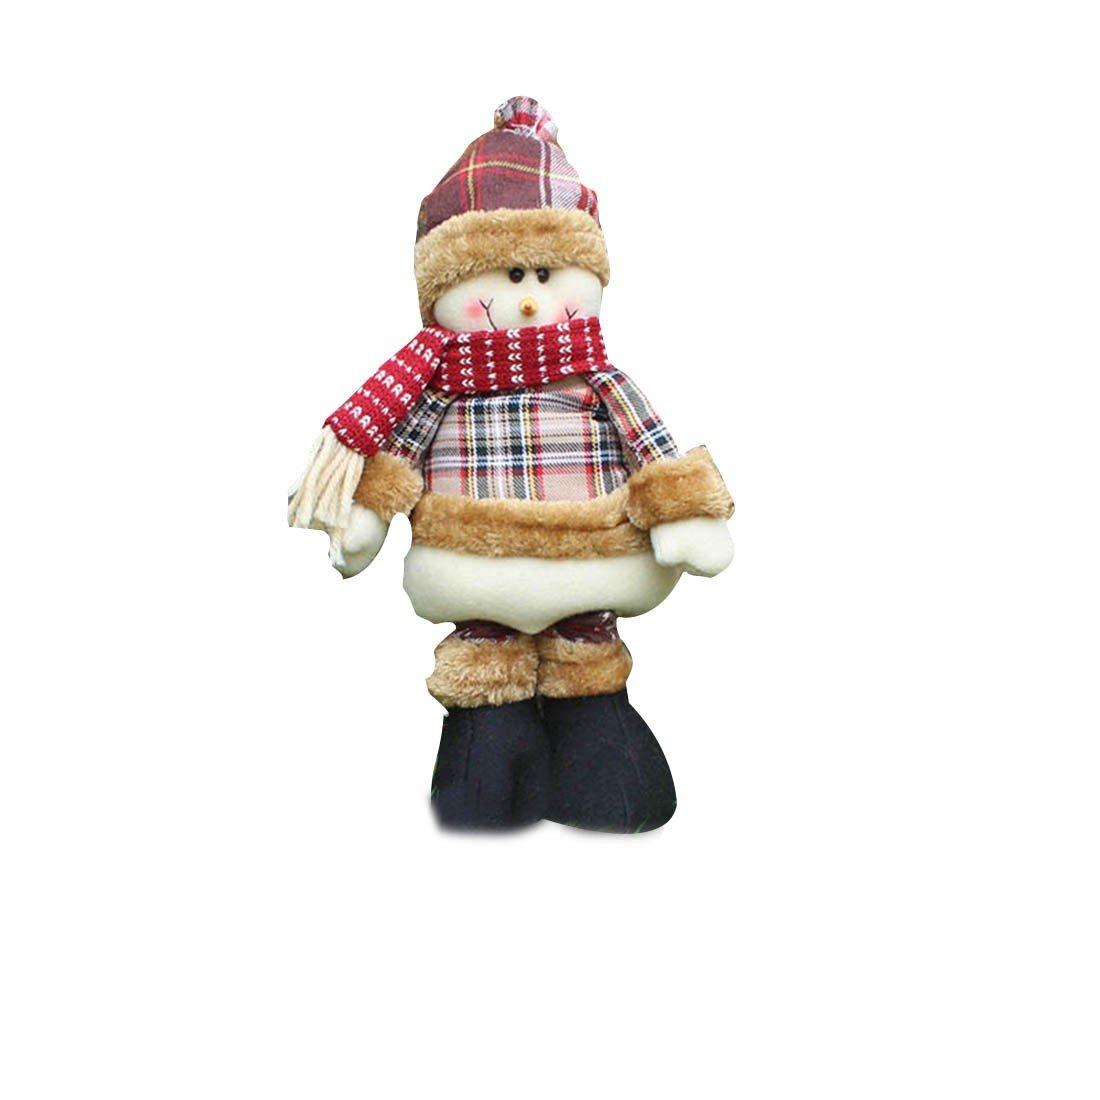 Telesc/ópica Santa Claus Adornos de Navidad Escena Puntales mu/ñecas de regalo Accesorios-Elk